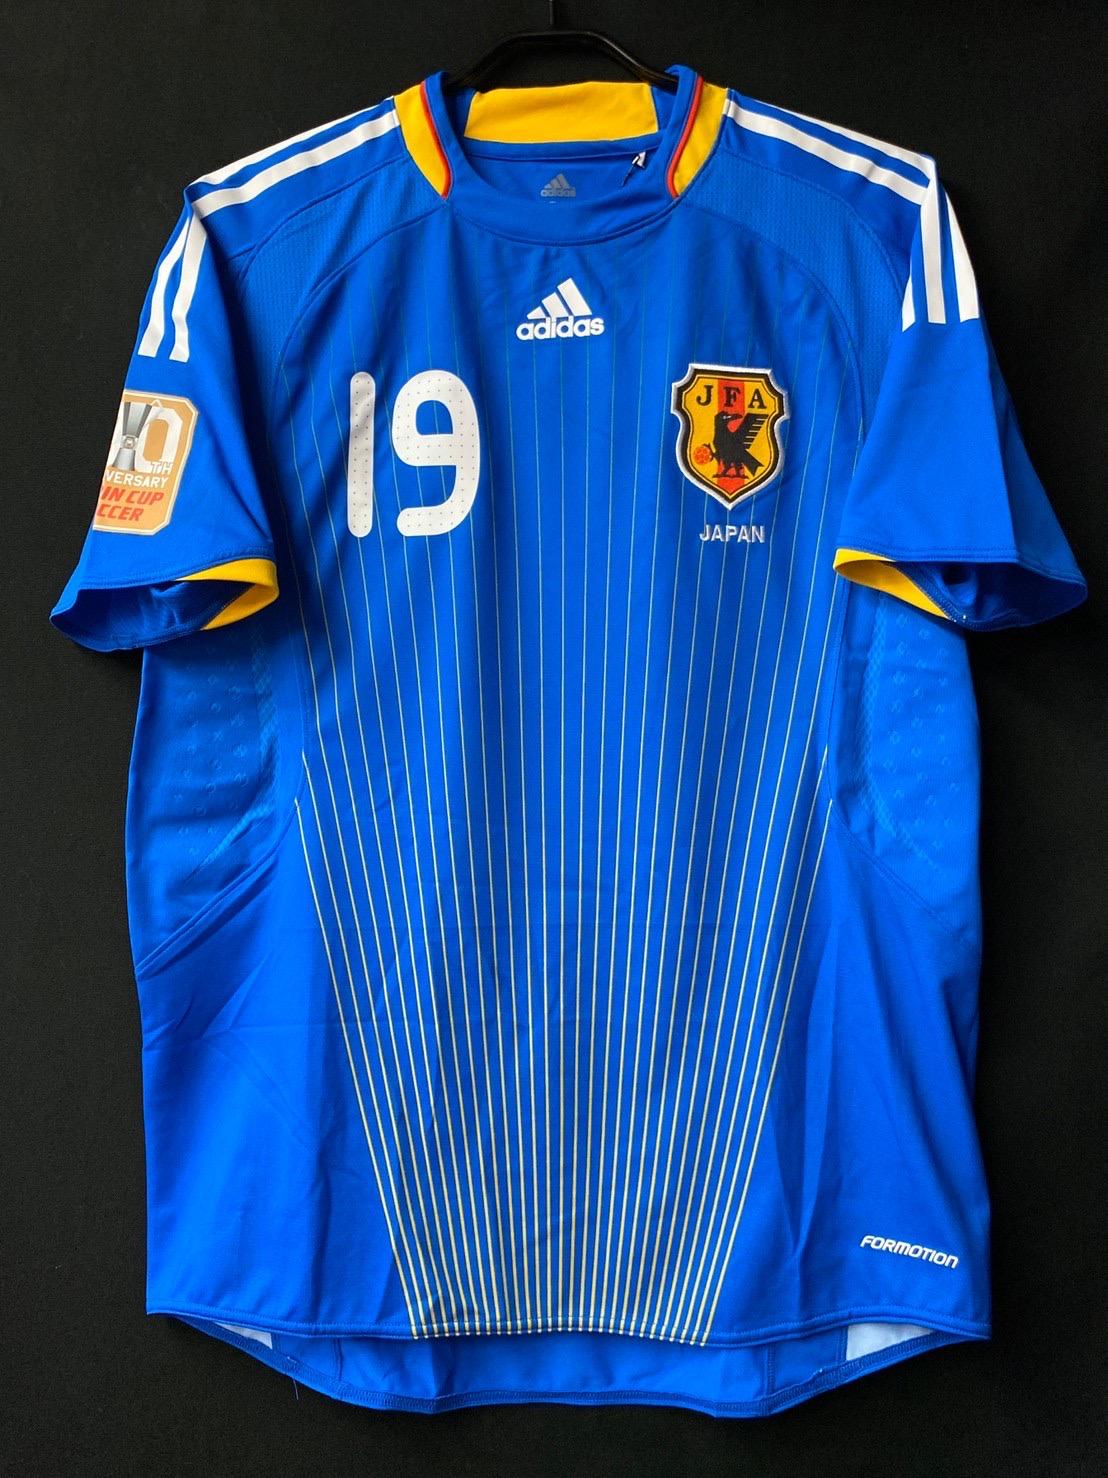 2009年キリンカップ30周年記念パッチ付日本代表ユニフォーム